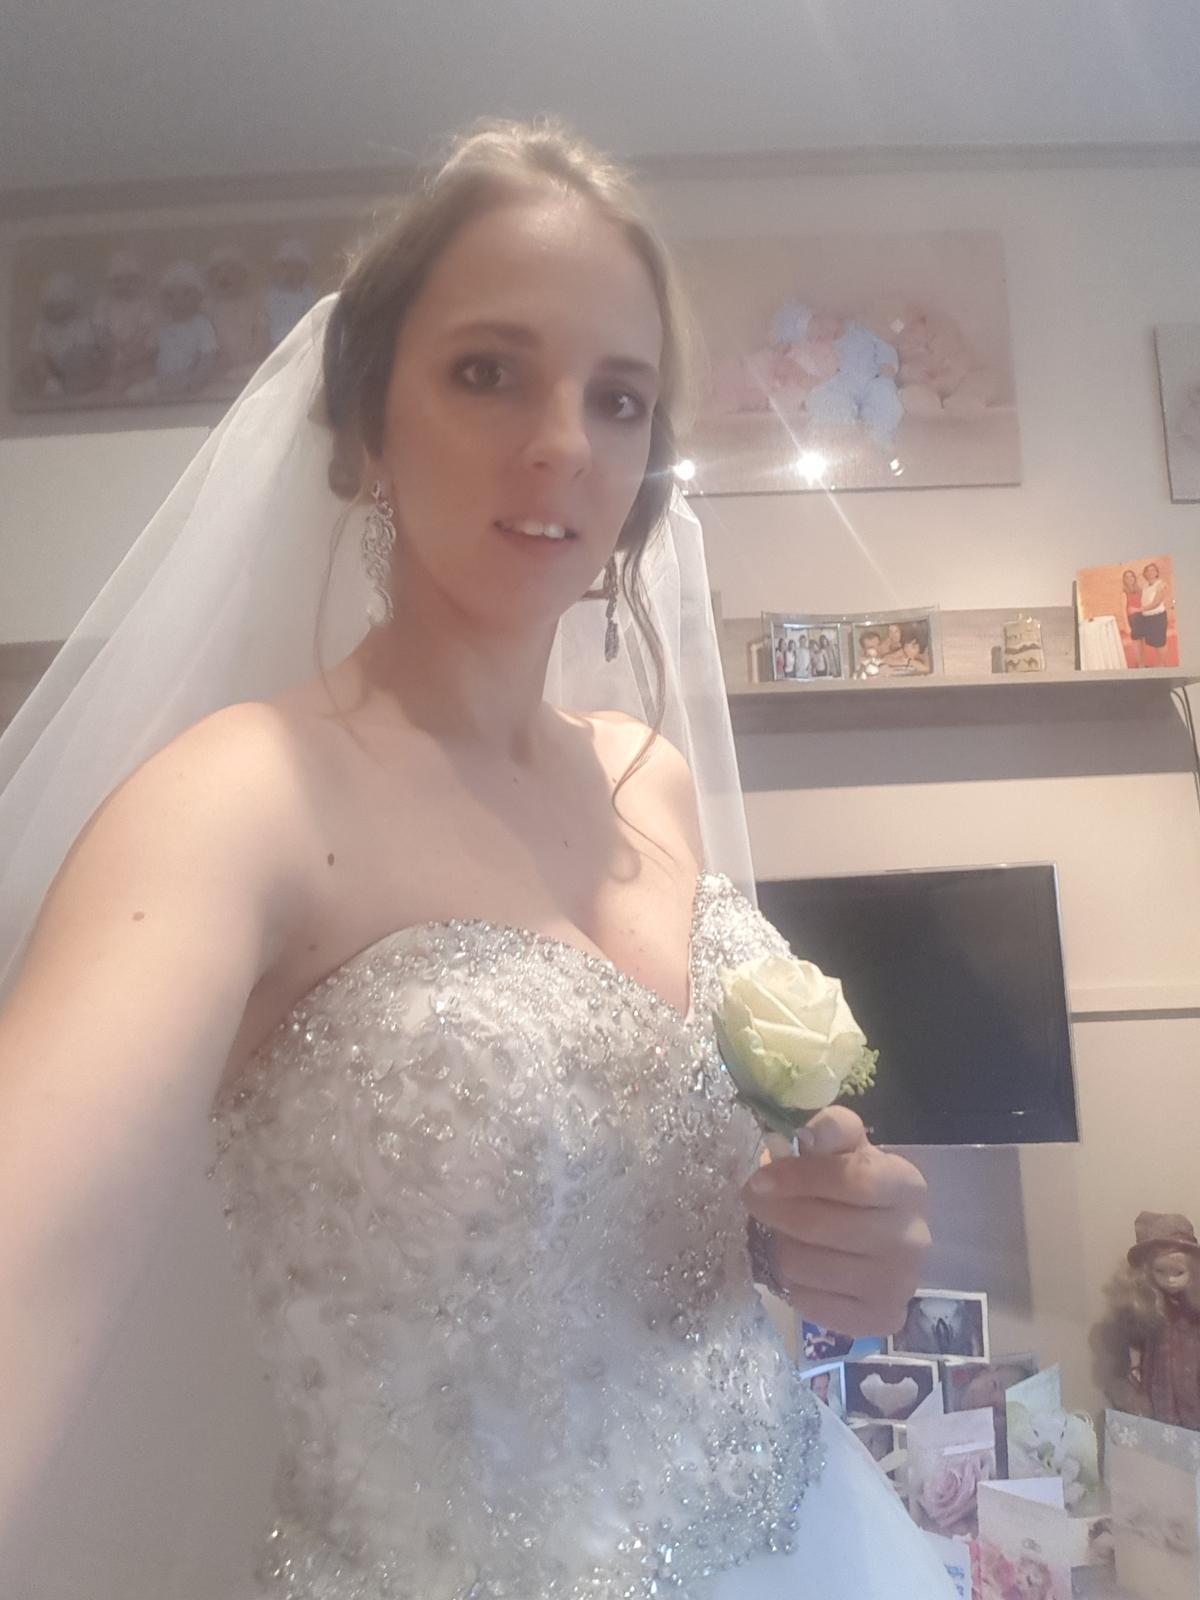 20. dec 2017 o 09 45 • Svadba bola v novembri 2017 • Odpovedz • Páči sa mi  to • 7083d124849